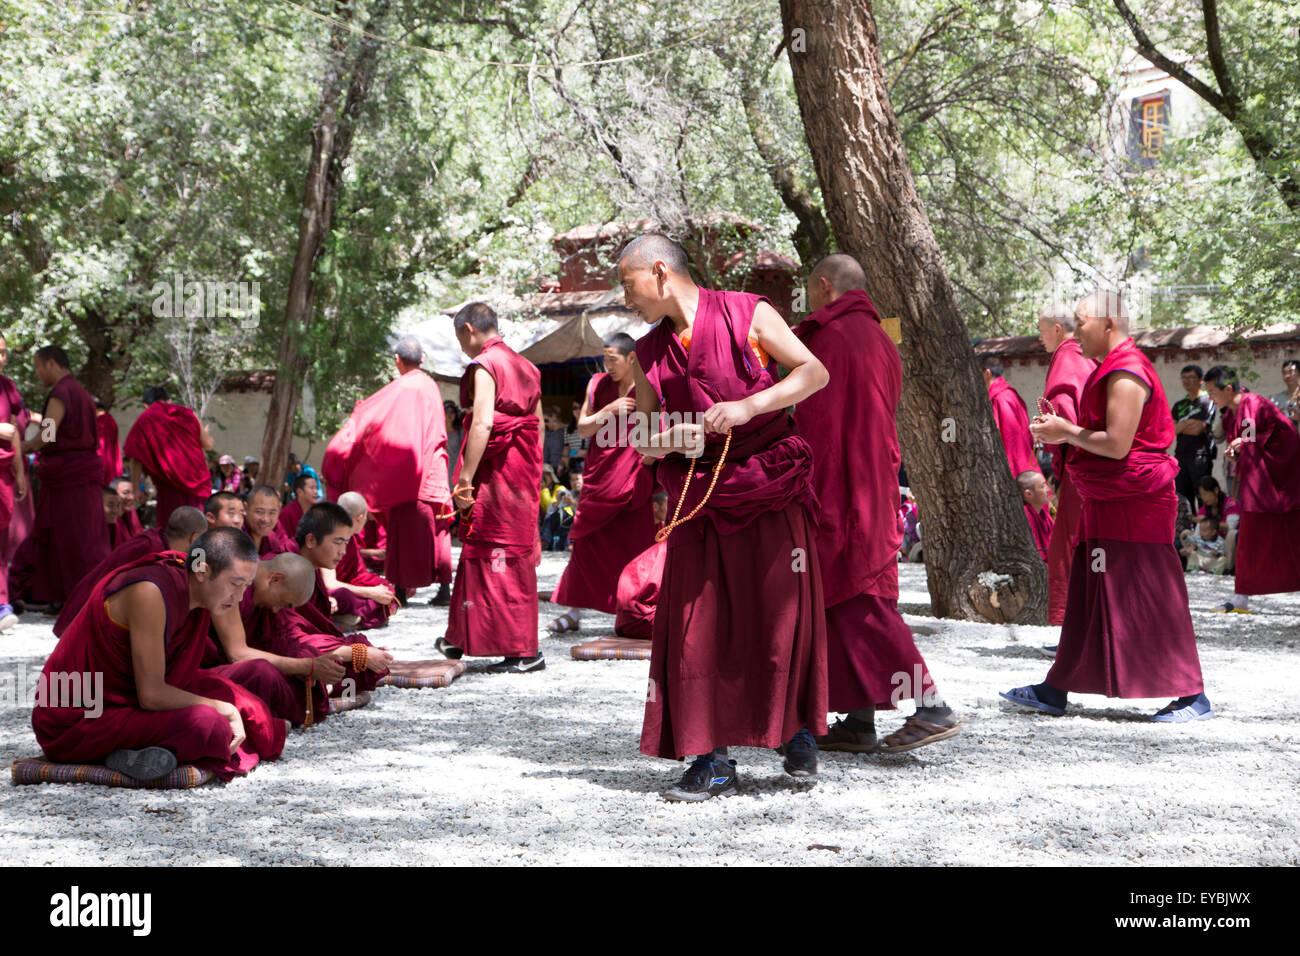 Monks debate in Tibet - Stock Image